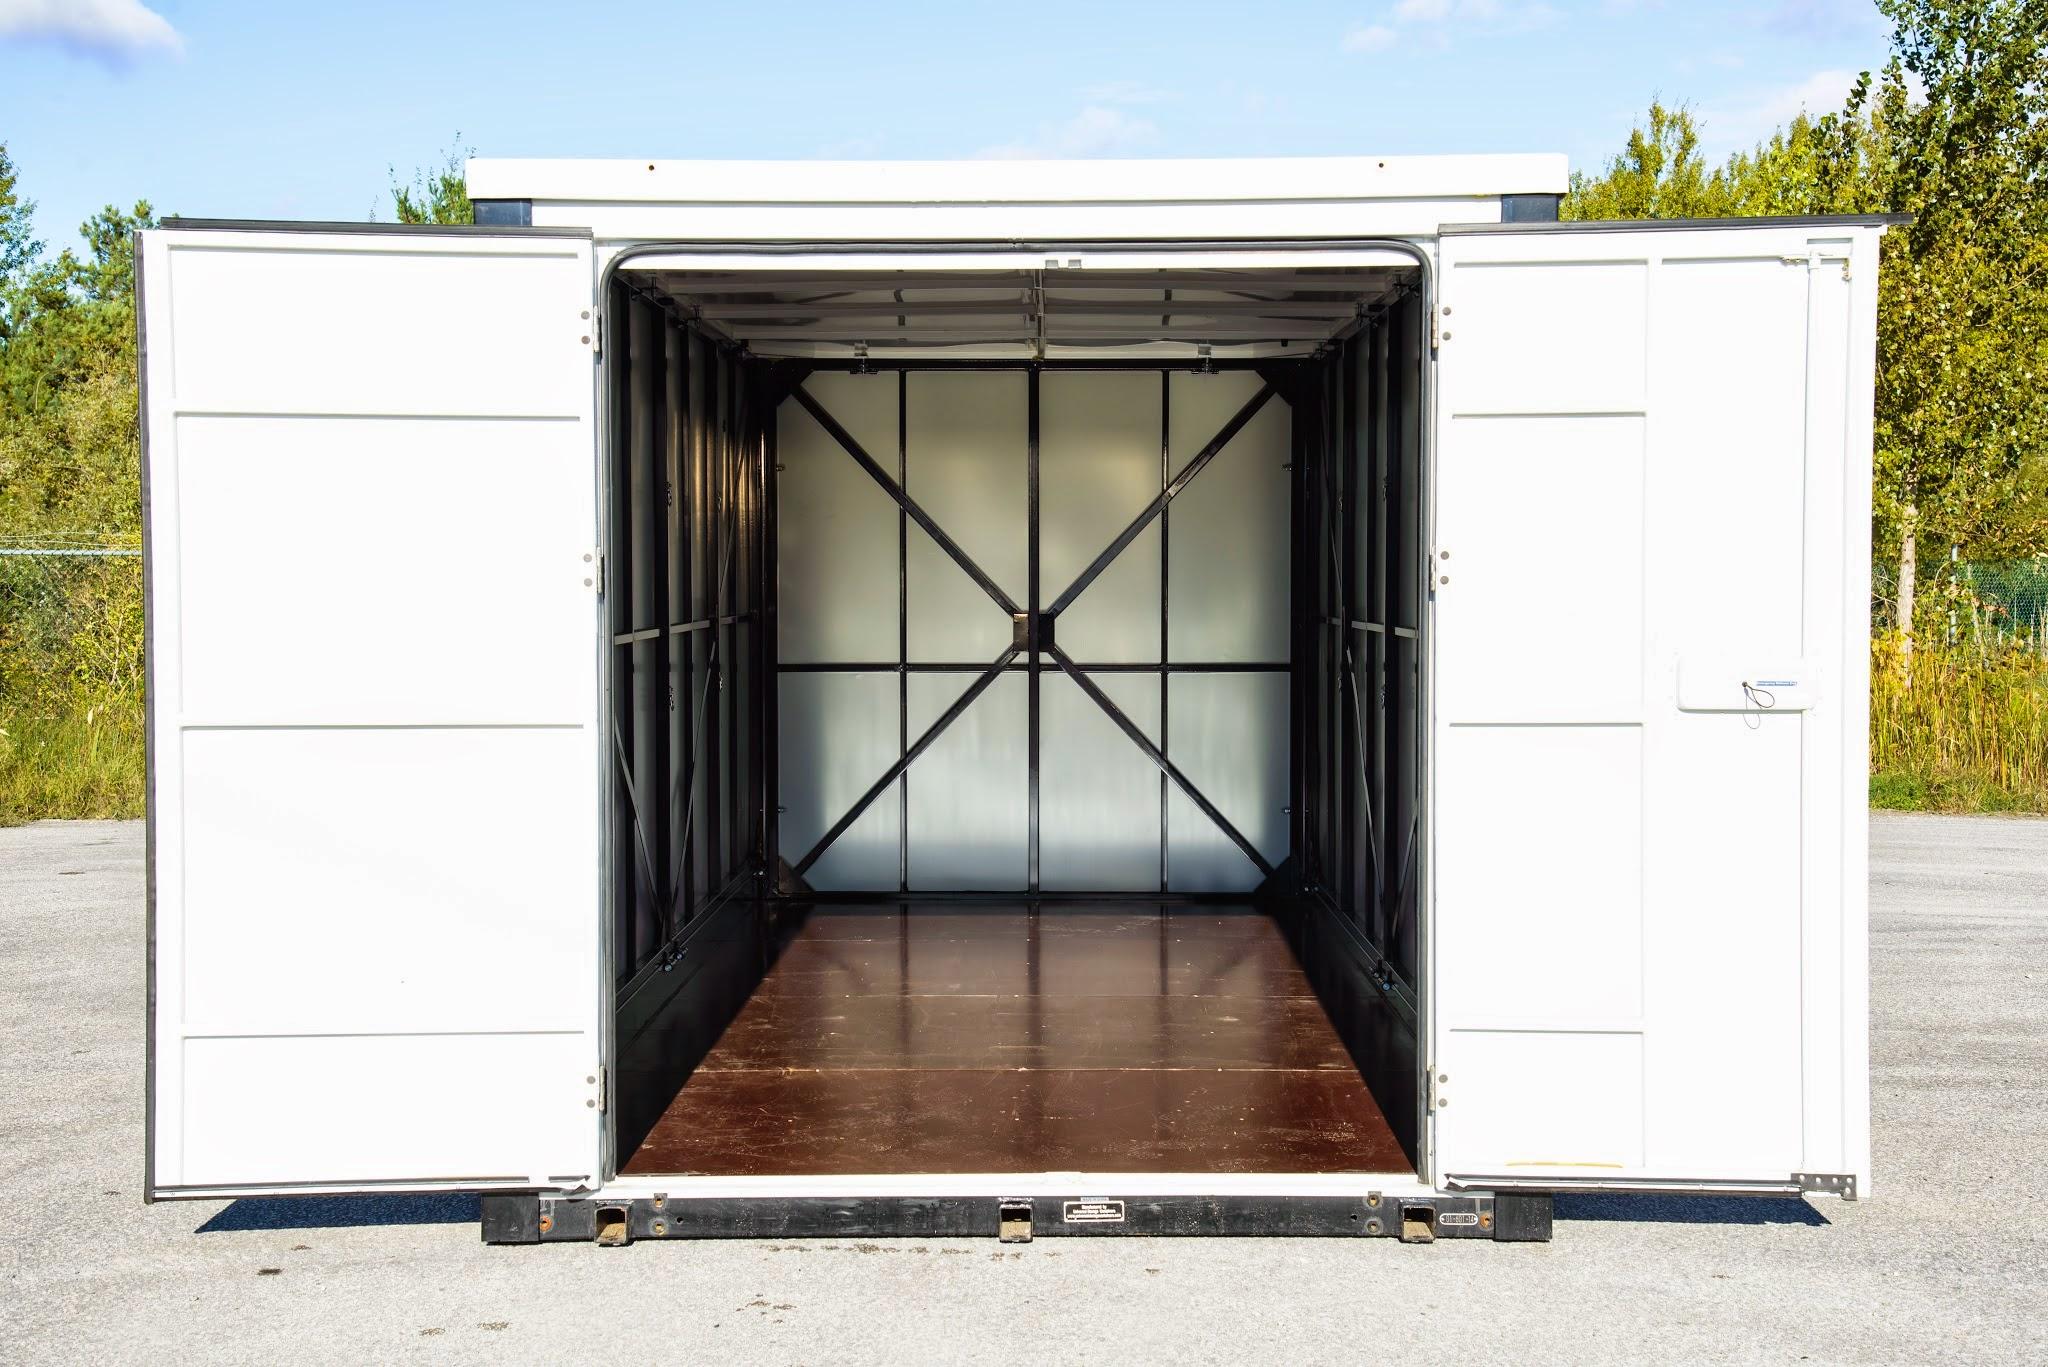 Cubeit Portable Storage - Utopia